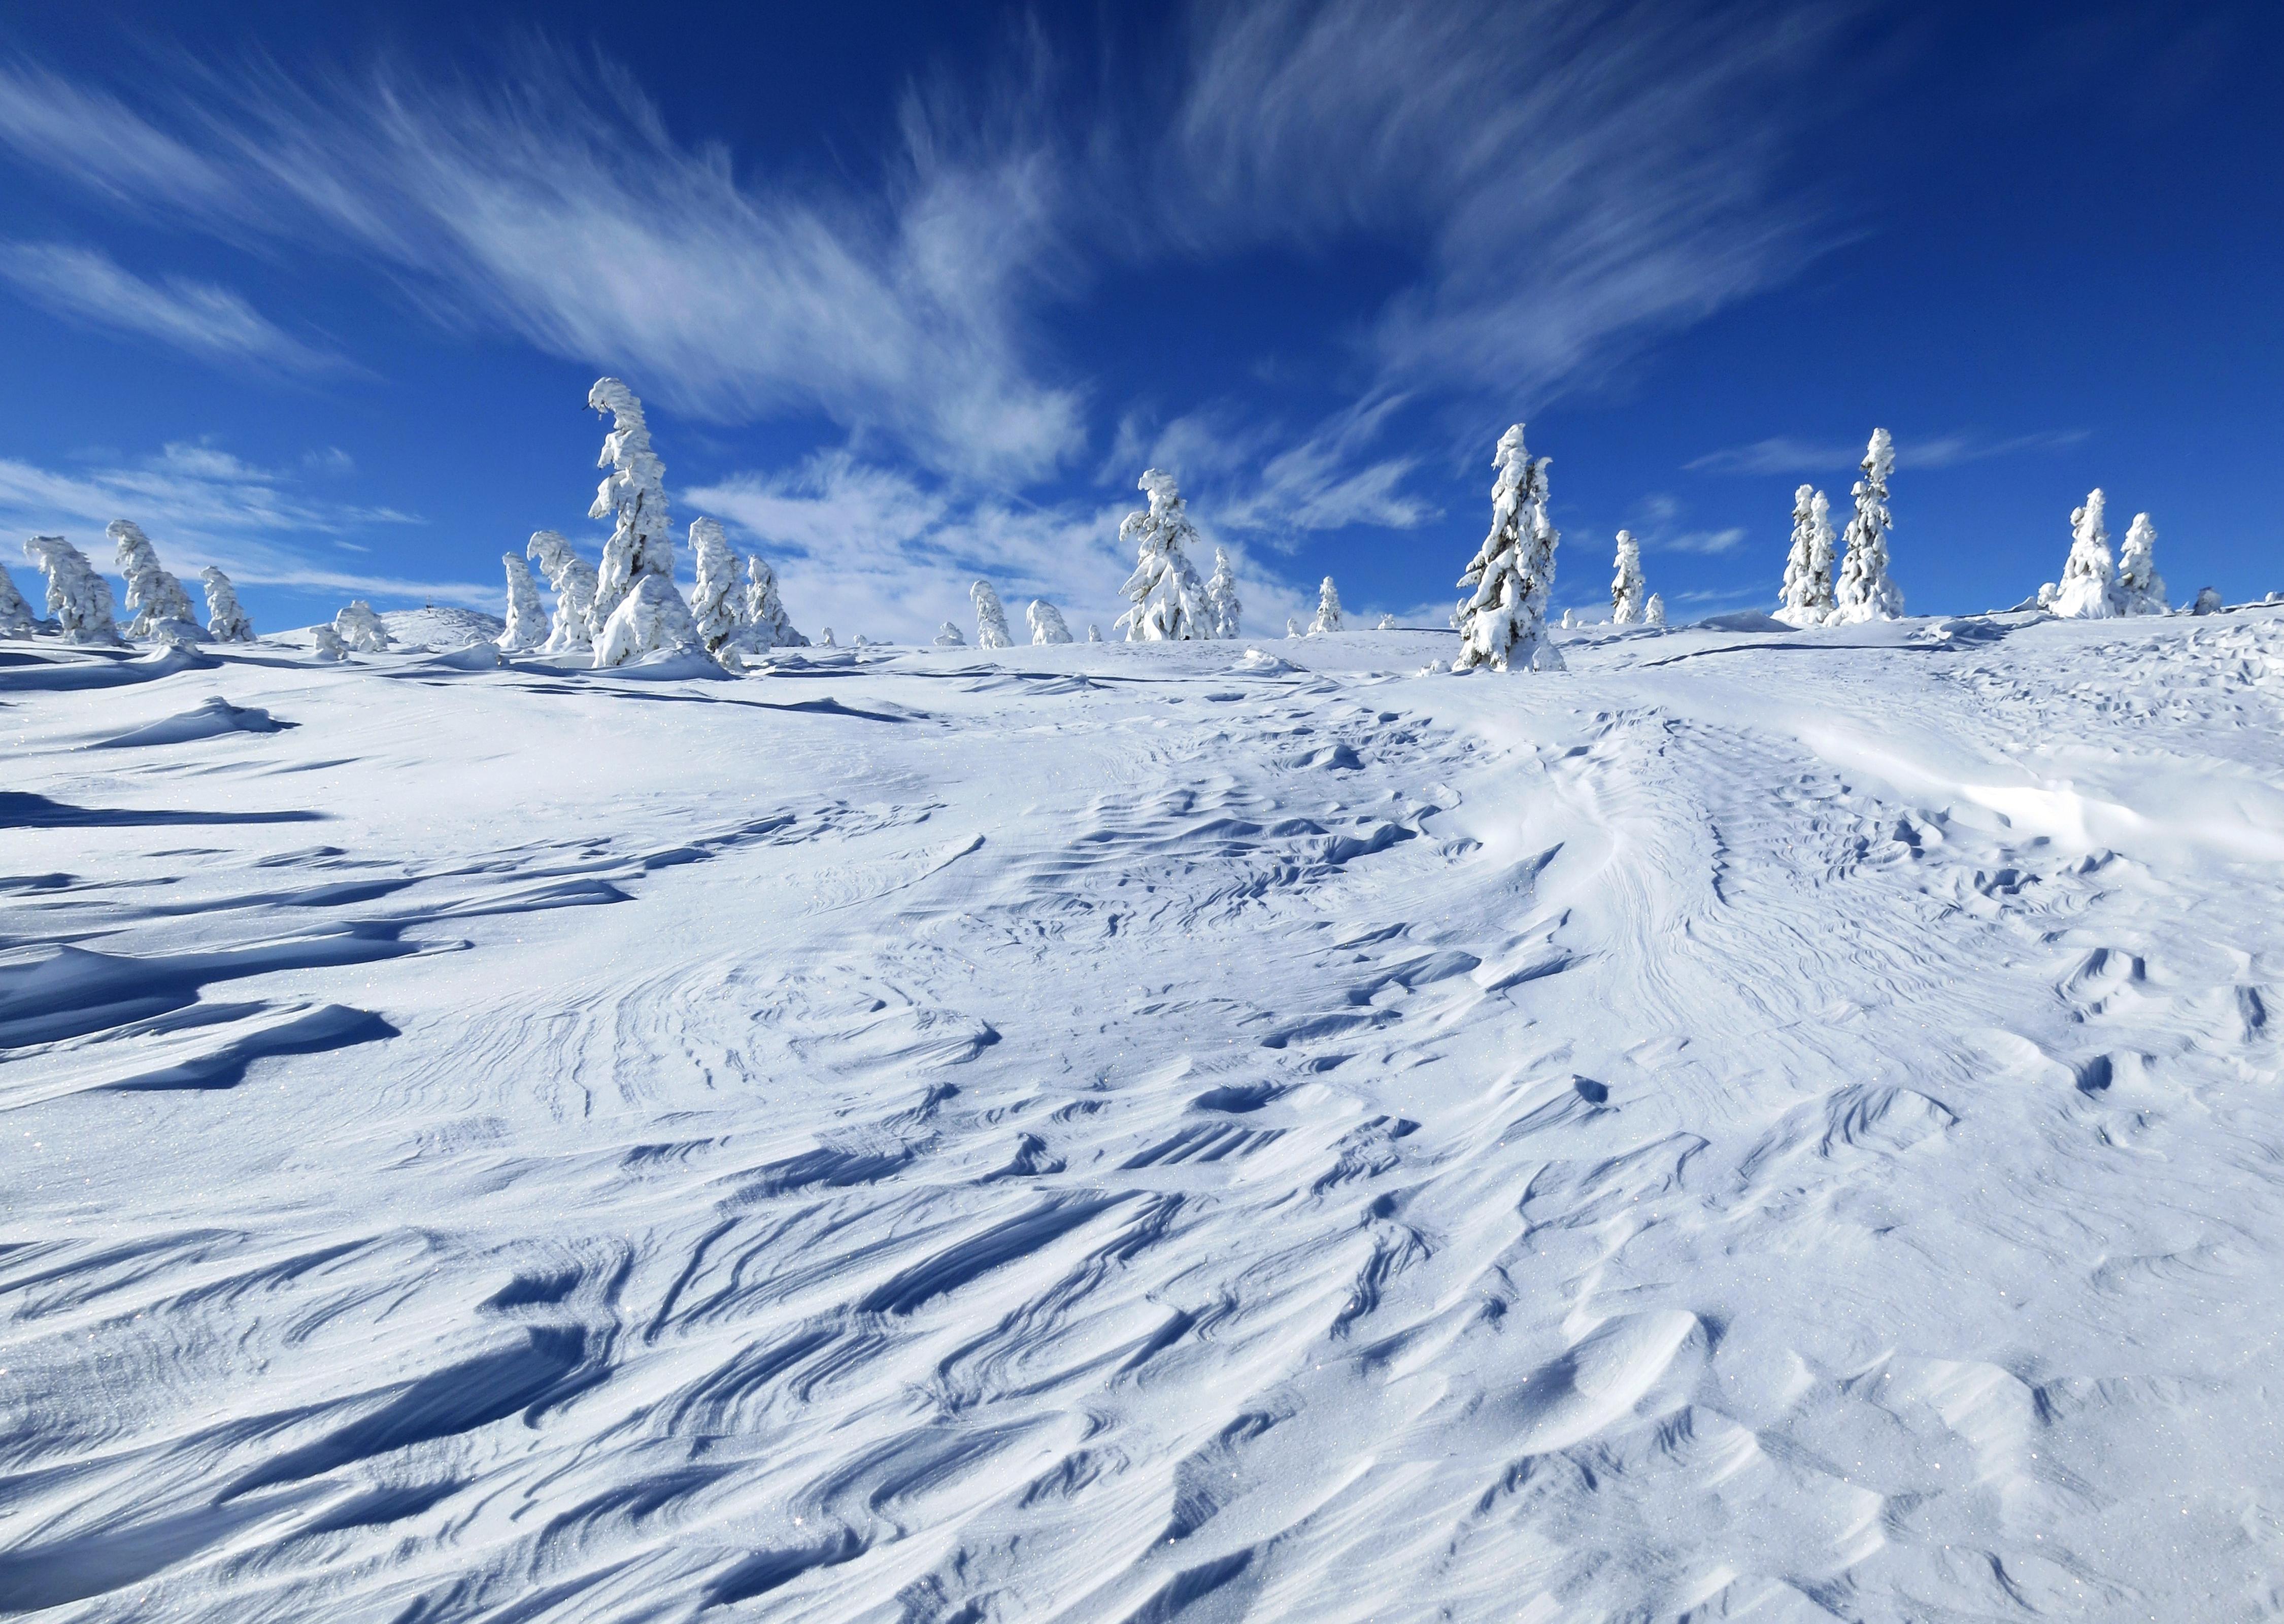 безоблачное небо зимой  № 2469733 бесплатно